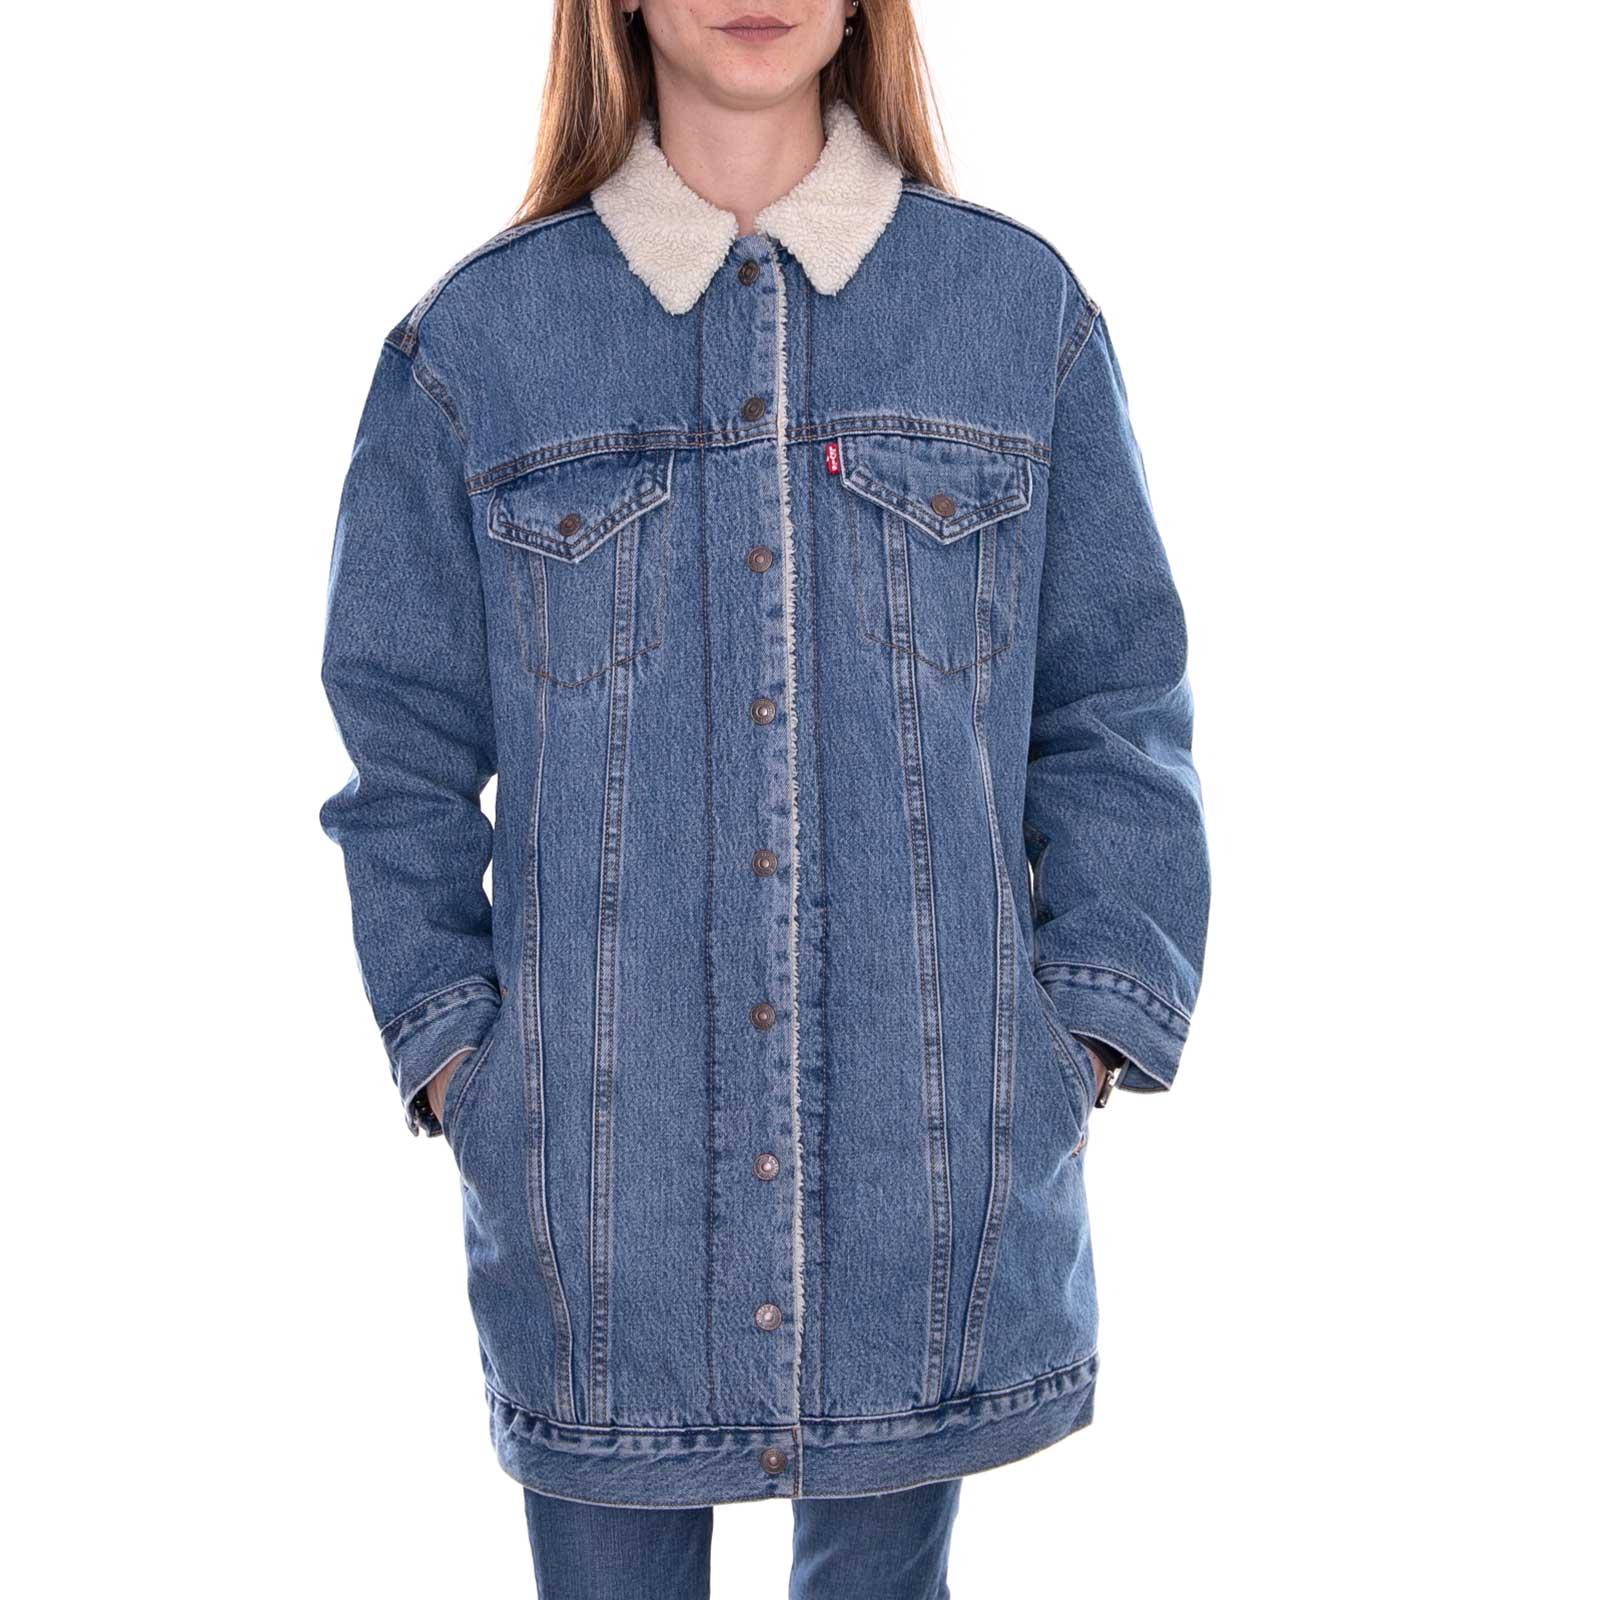 Détails sur Levis Vestes Allongé Sherpa Camionneur Love Cabane Bleu Jeans En Jeans